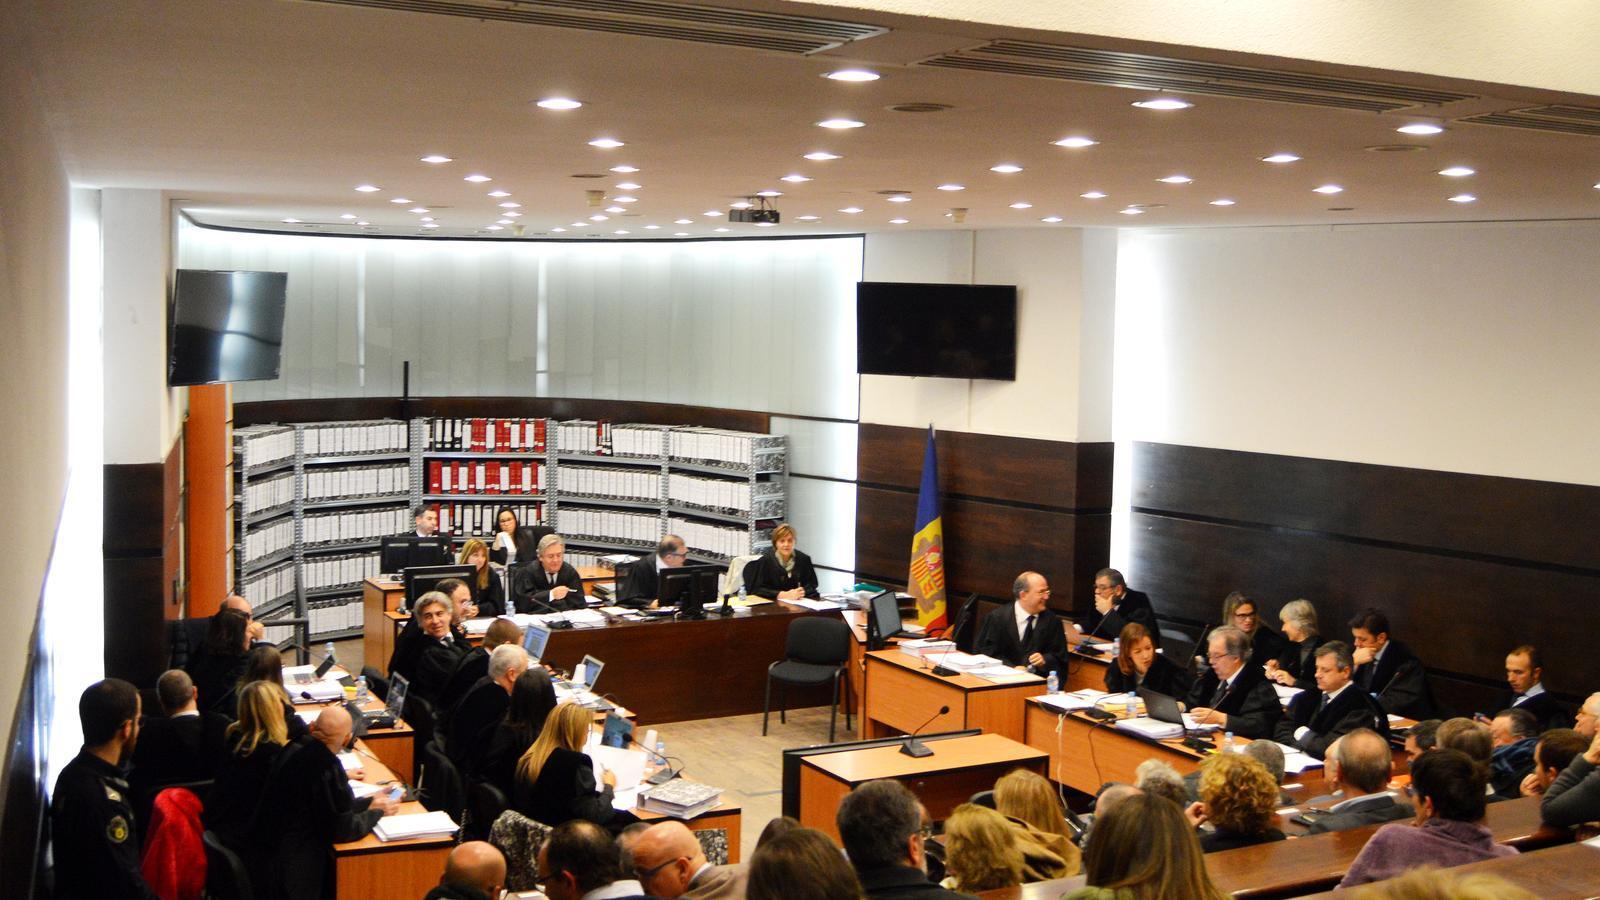 La sala on es va celebrar l'inici del judici a mitjans de gener. / M. F. (ANA)